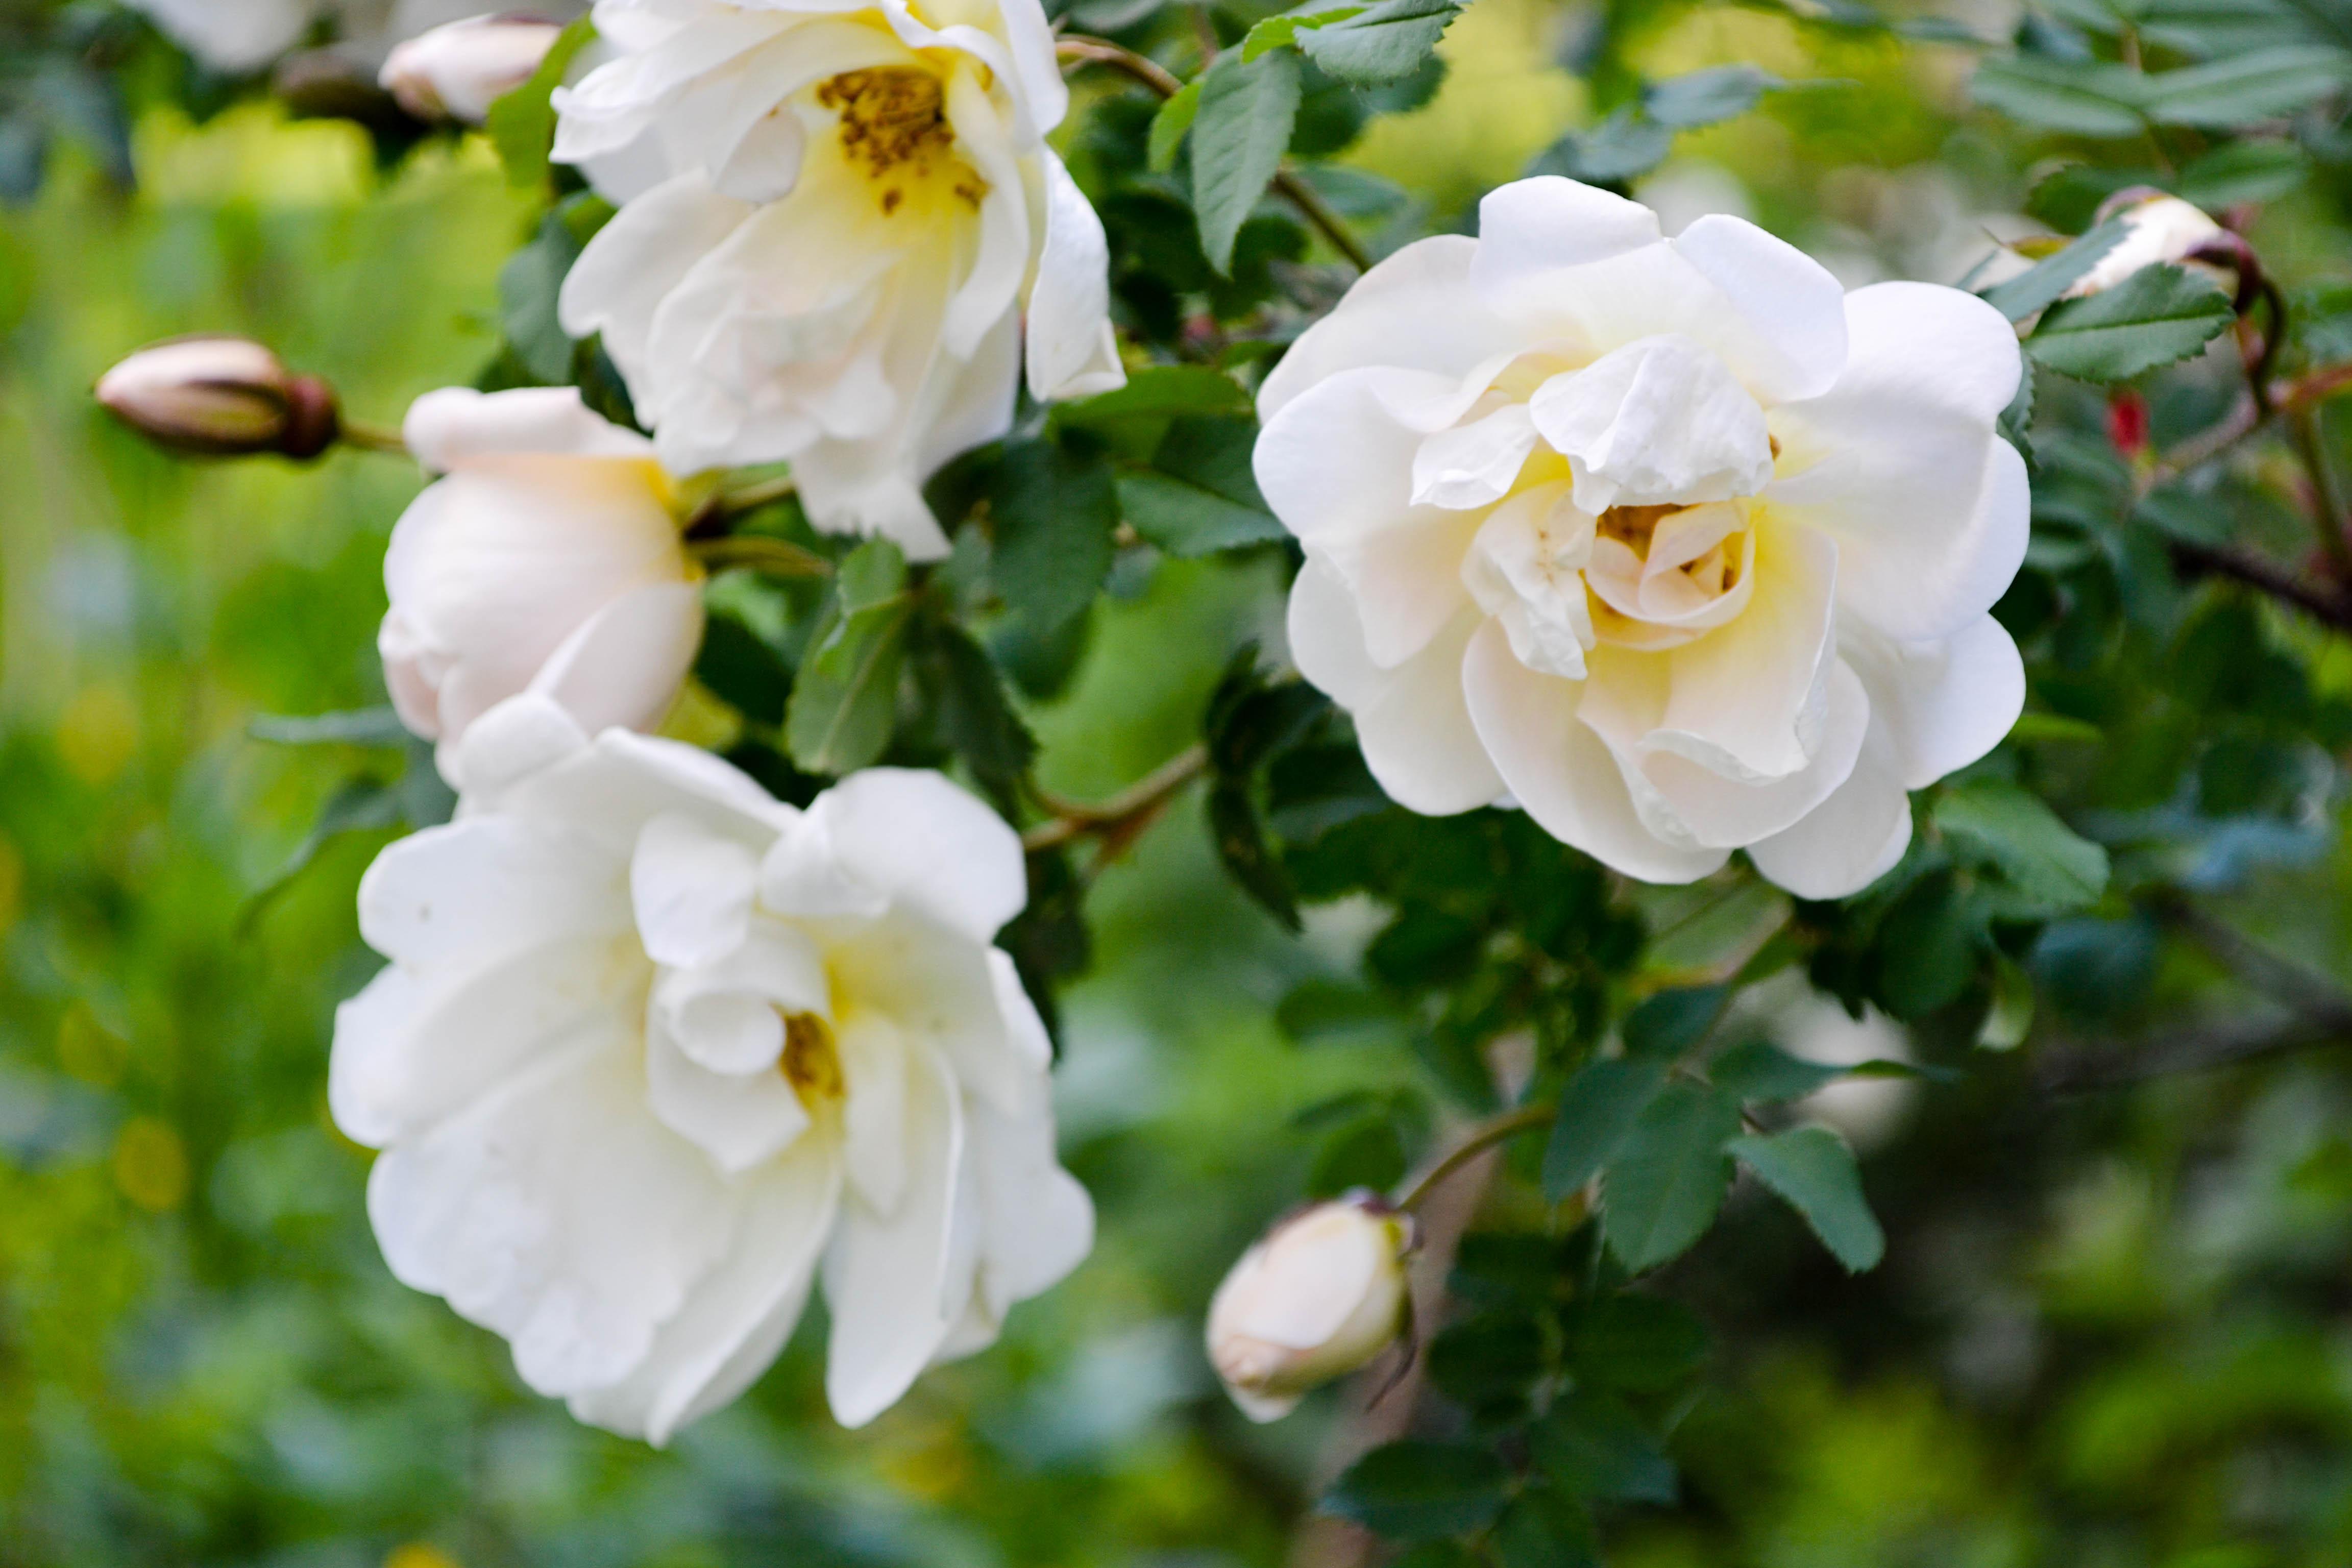 flowerdiaryS16 (13 of 13)